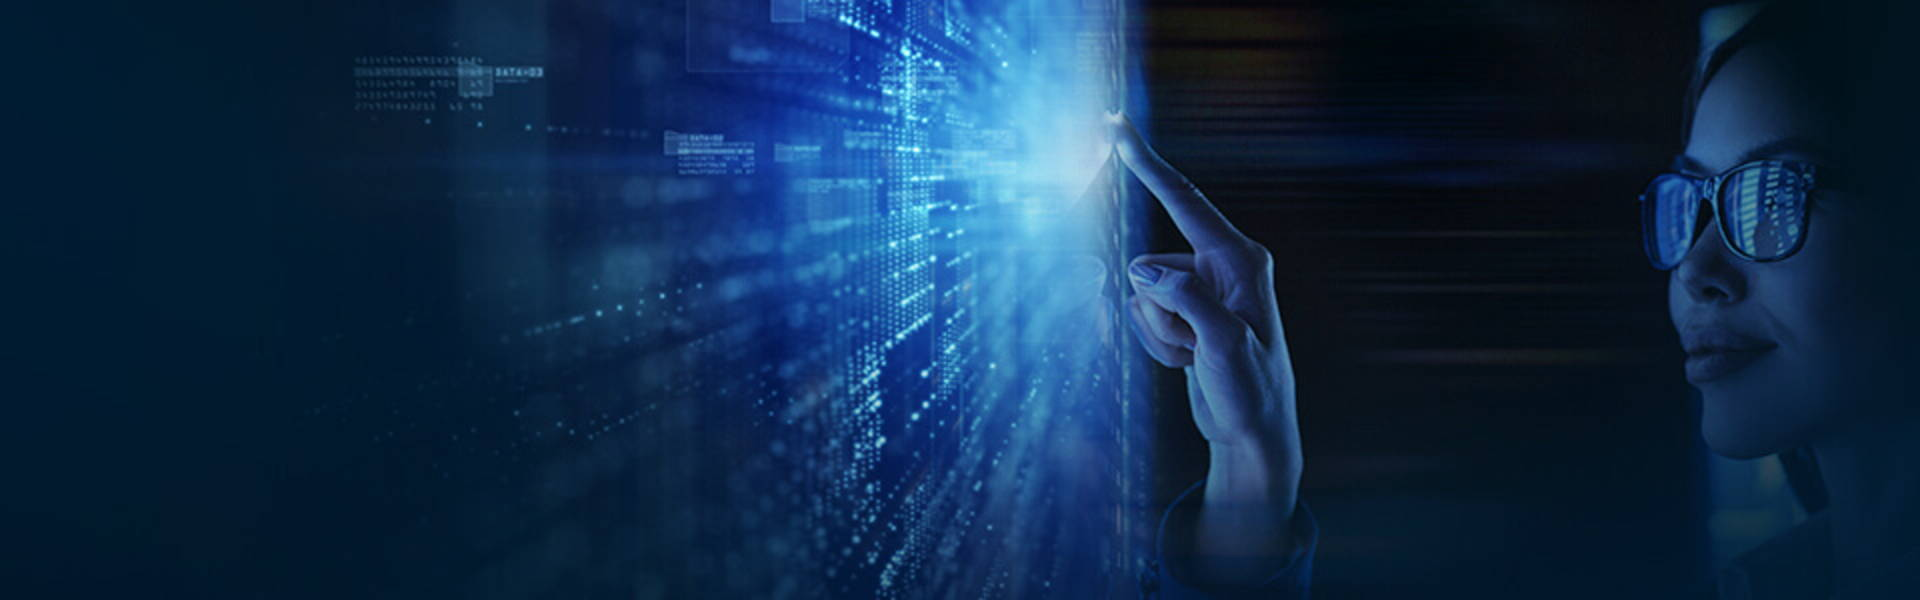 เทนเซ็นต์ดีบีสำหรับระบบฐานข้อมูล MySQL (TencentDB for MySQL)